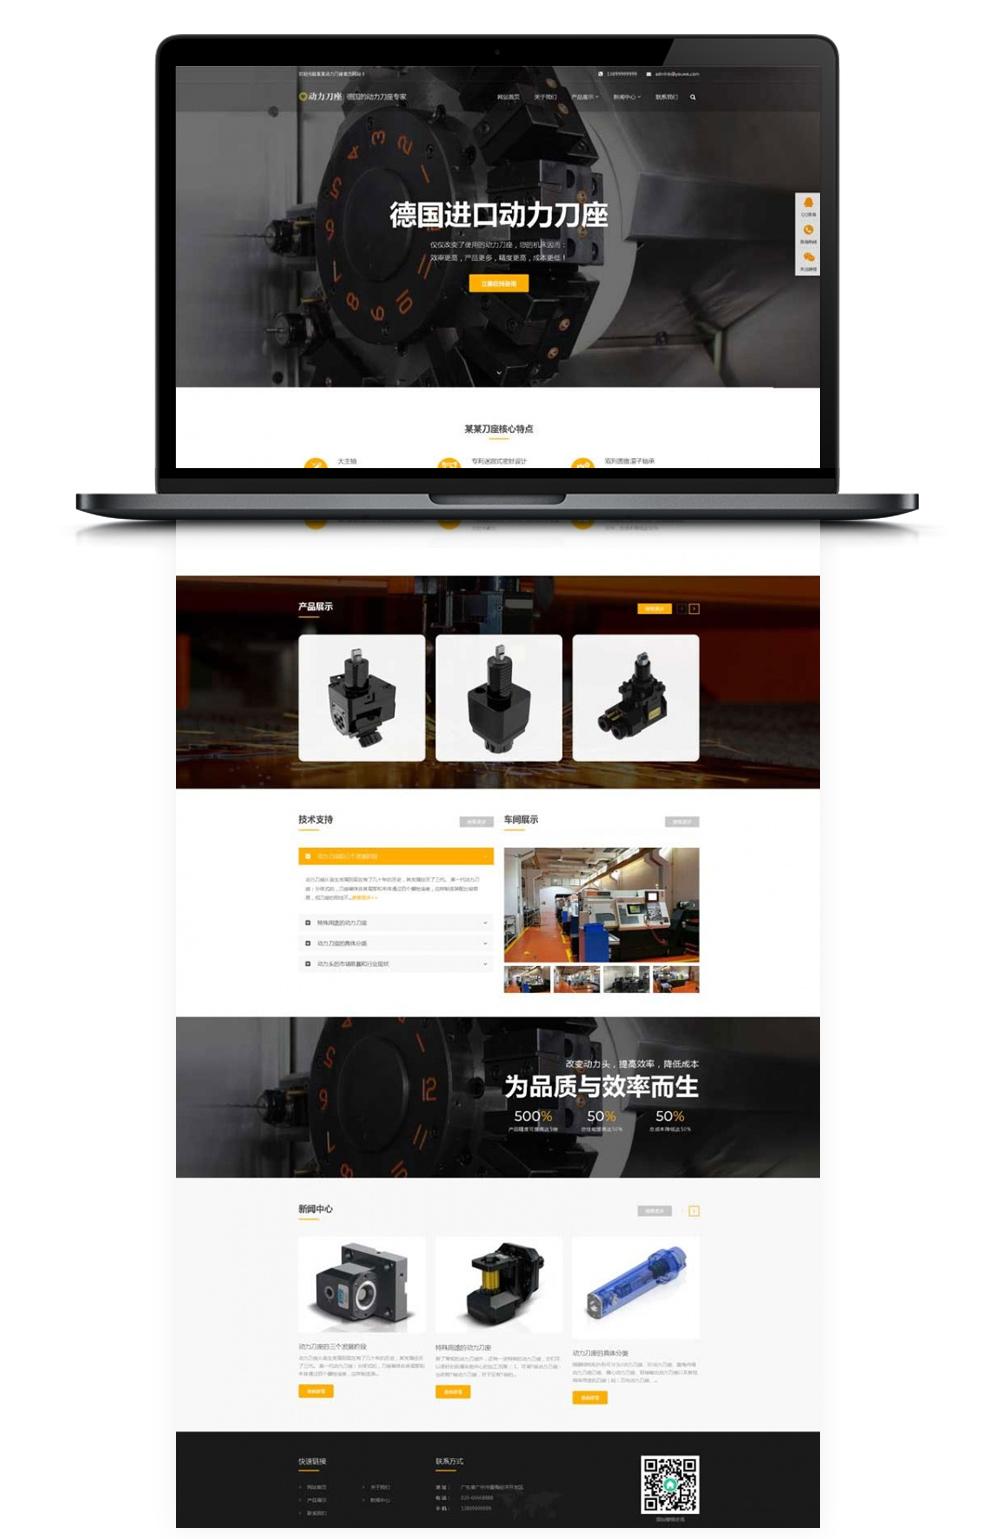 【企业网站模板】DEDECMS织梦大型五金模型企业公司网站模板 自适应手机移动端-酷网站源码